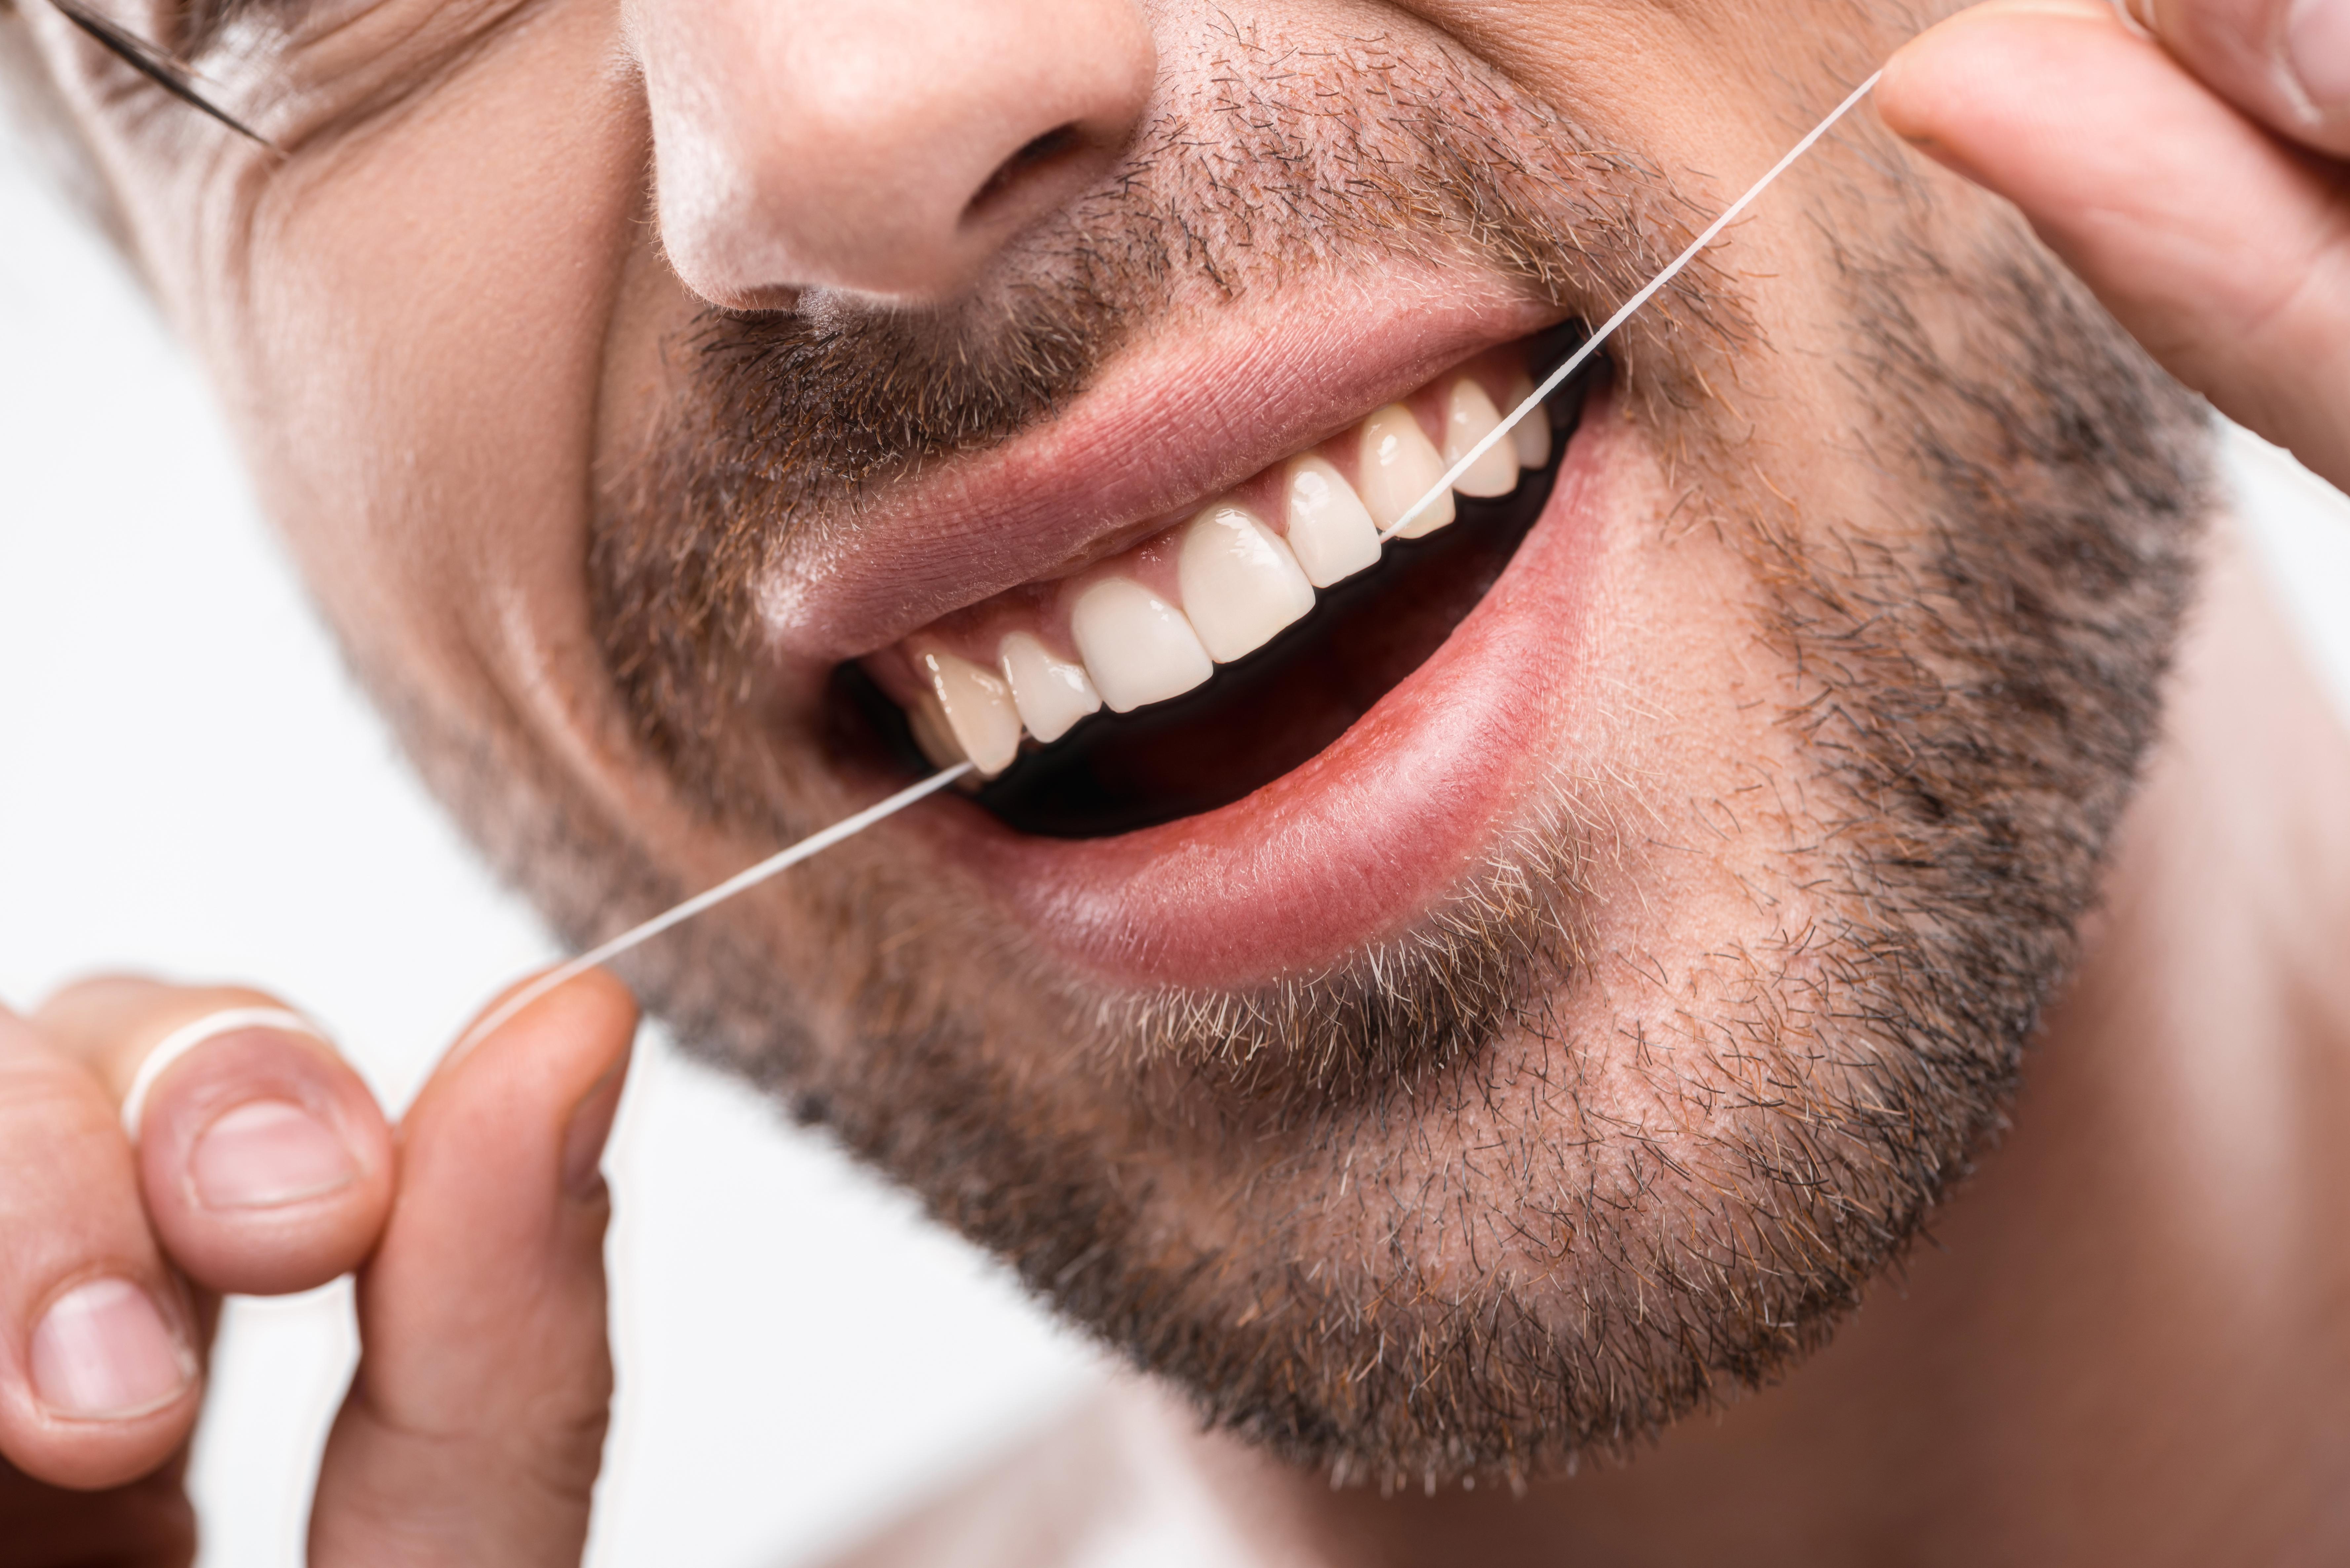 c9c8c280d A importância de usar fio dental. Homem a passar fio dental nos dentes